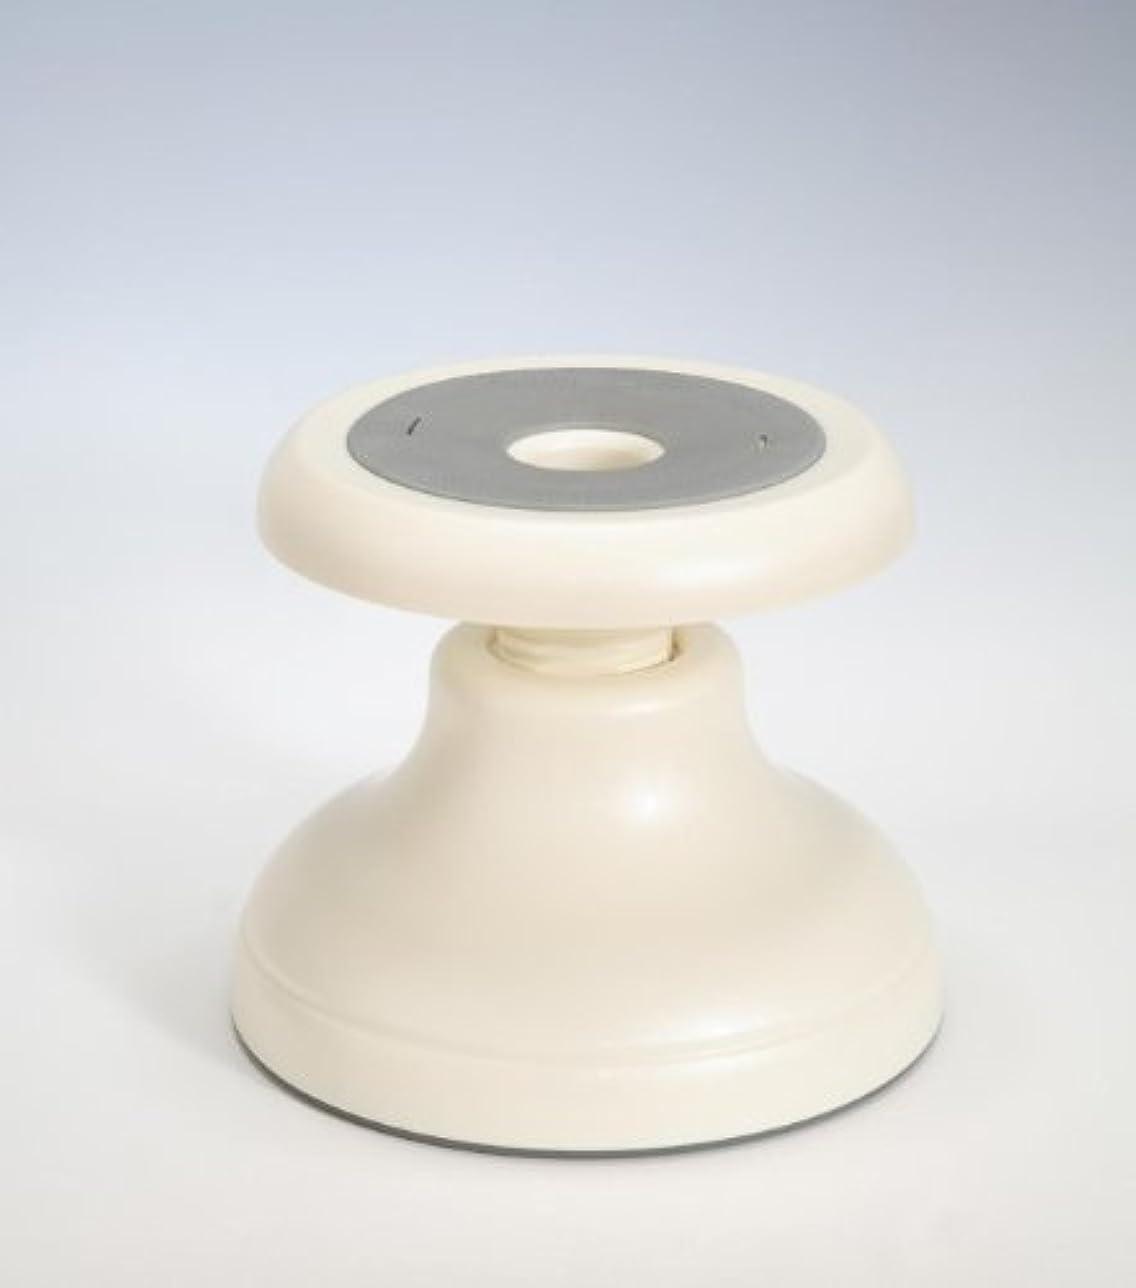 浴室回転イス(滑り止め強化タイプ) K-5152